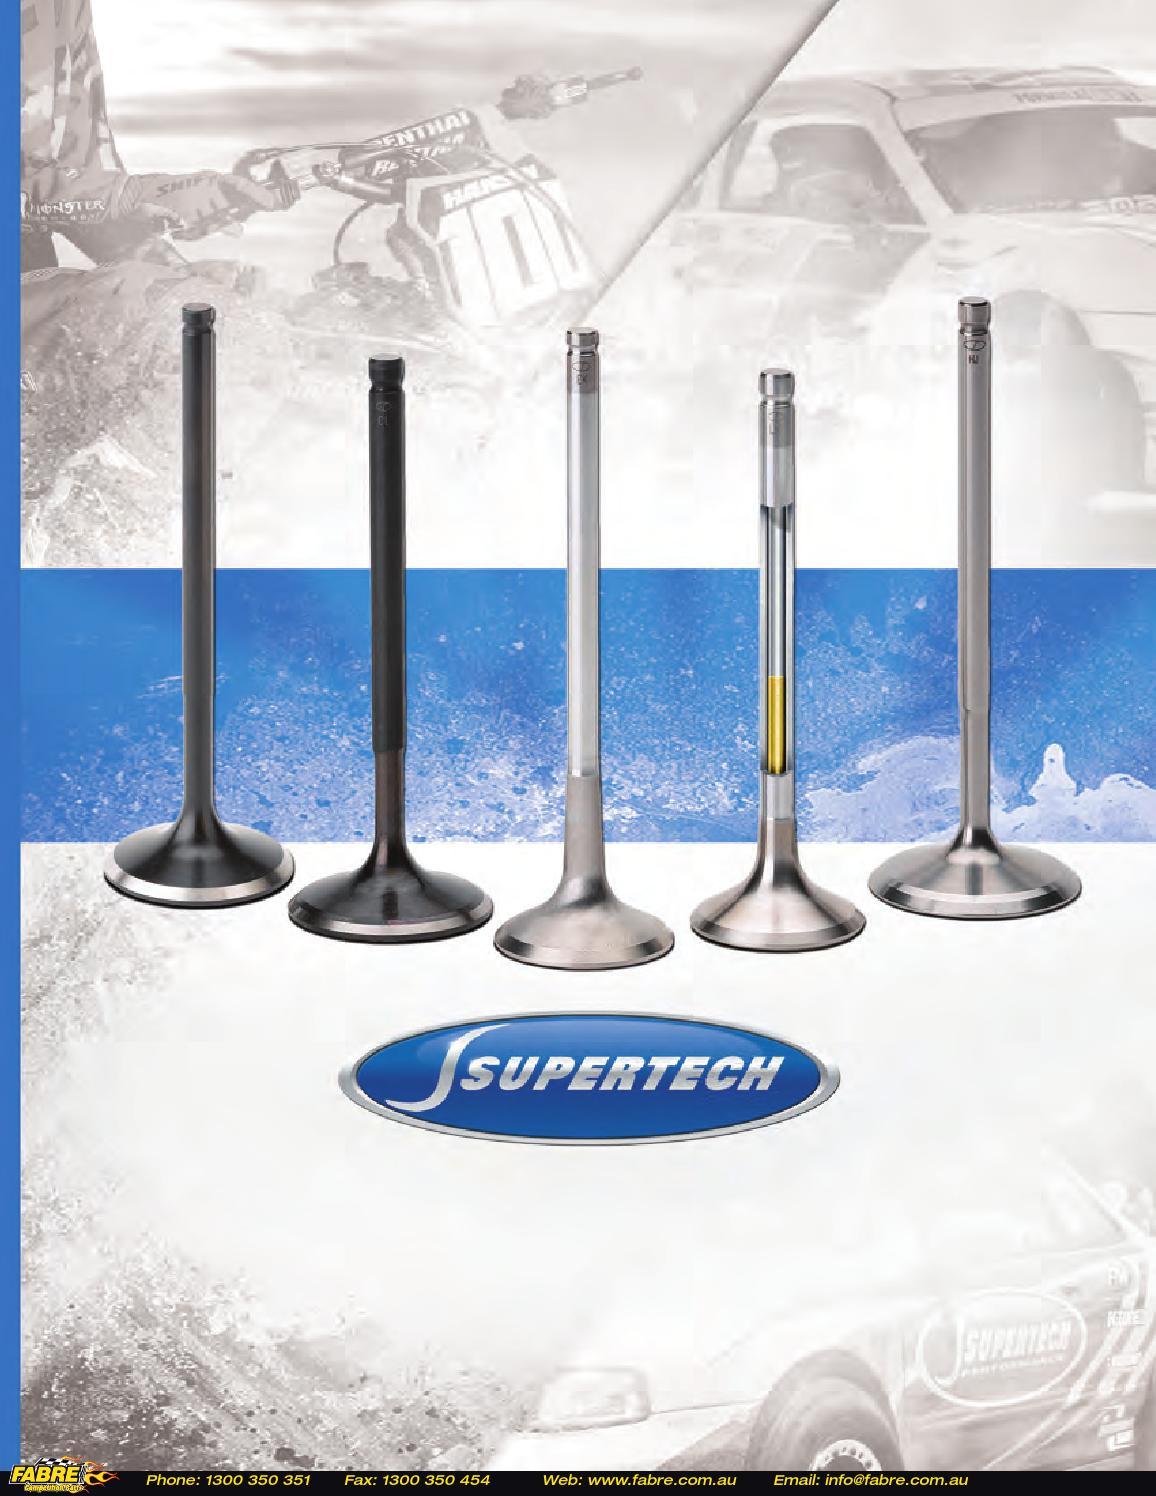 GNH8800 - Supertech Piston Rings TSX K24A2